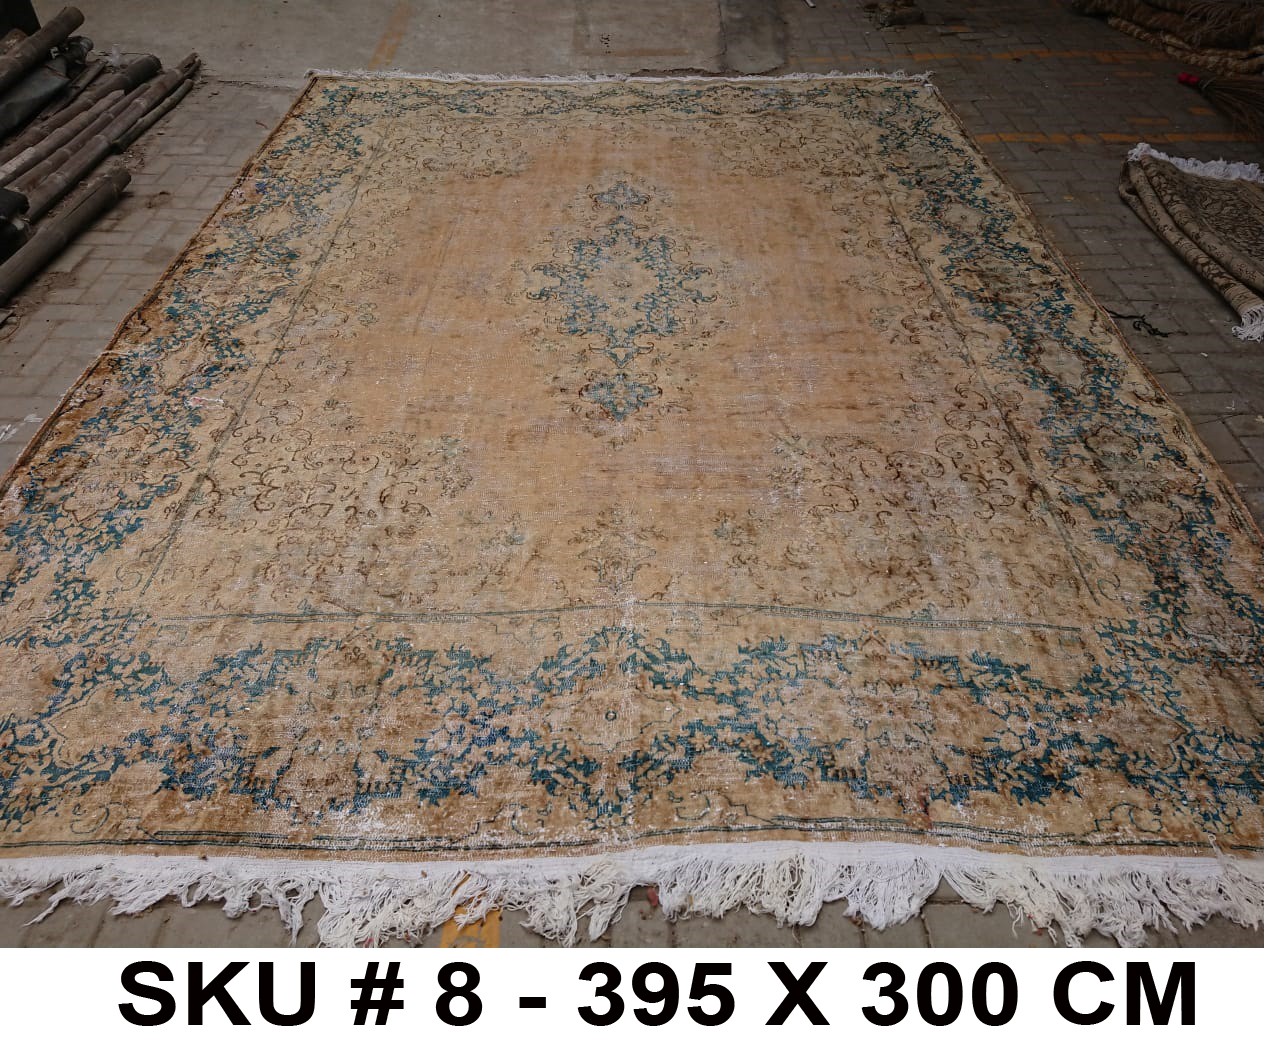 Vintage vloerkleed met blauw, nr.62338, 395cm x 300cm